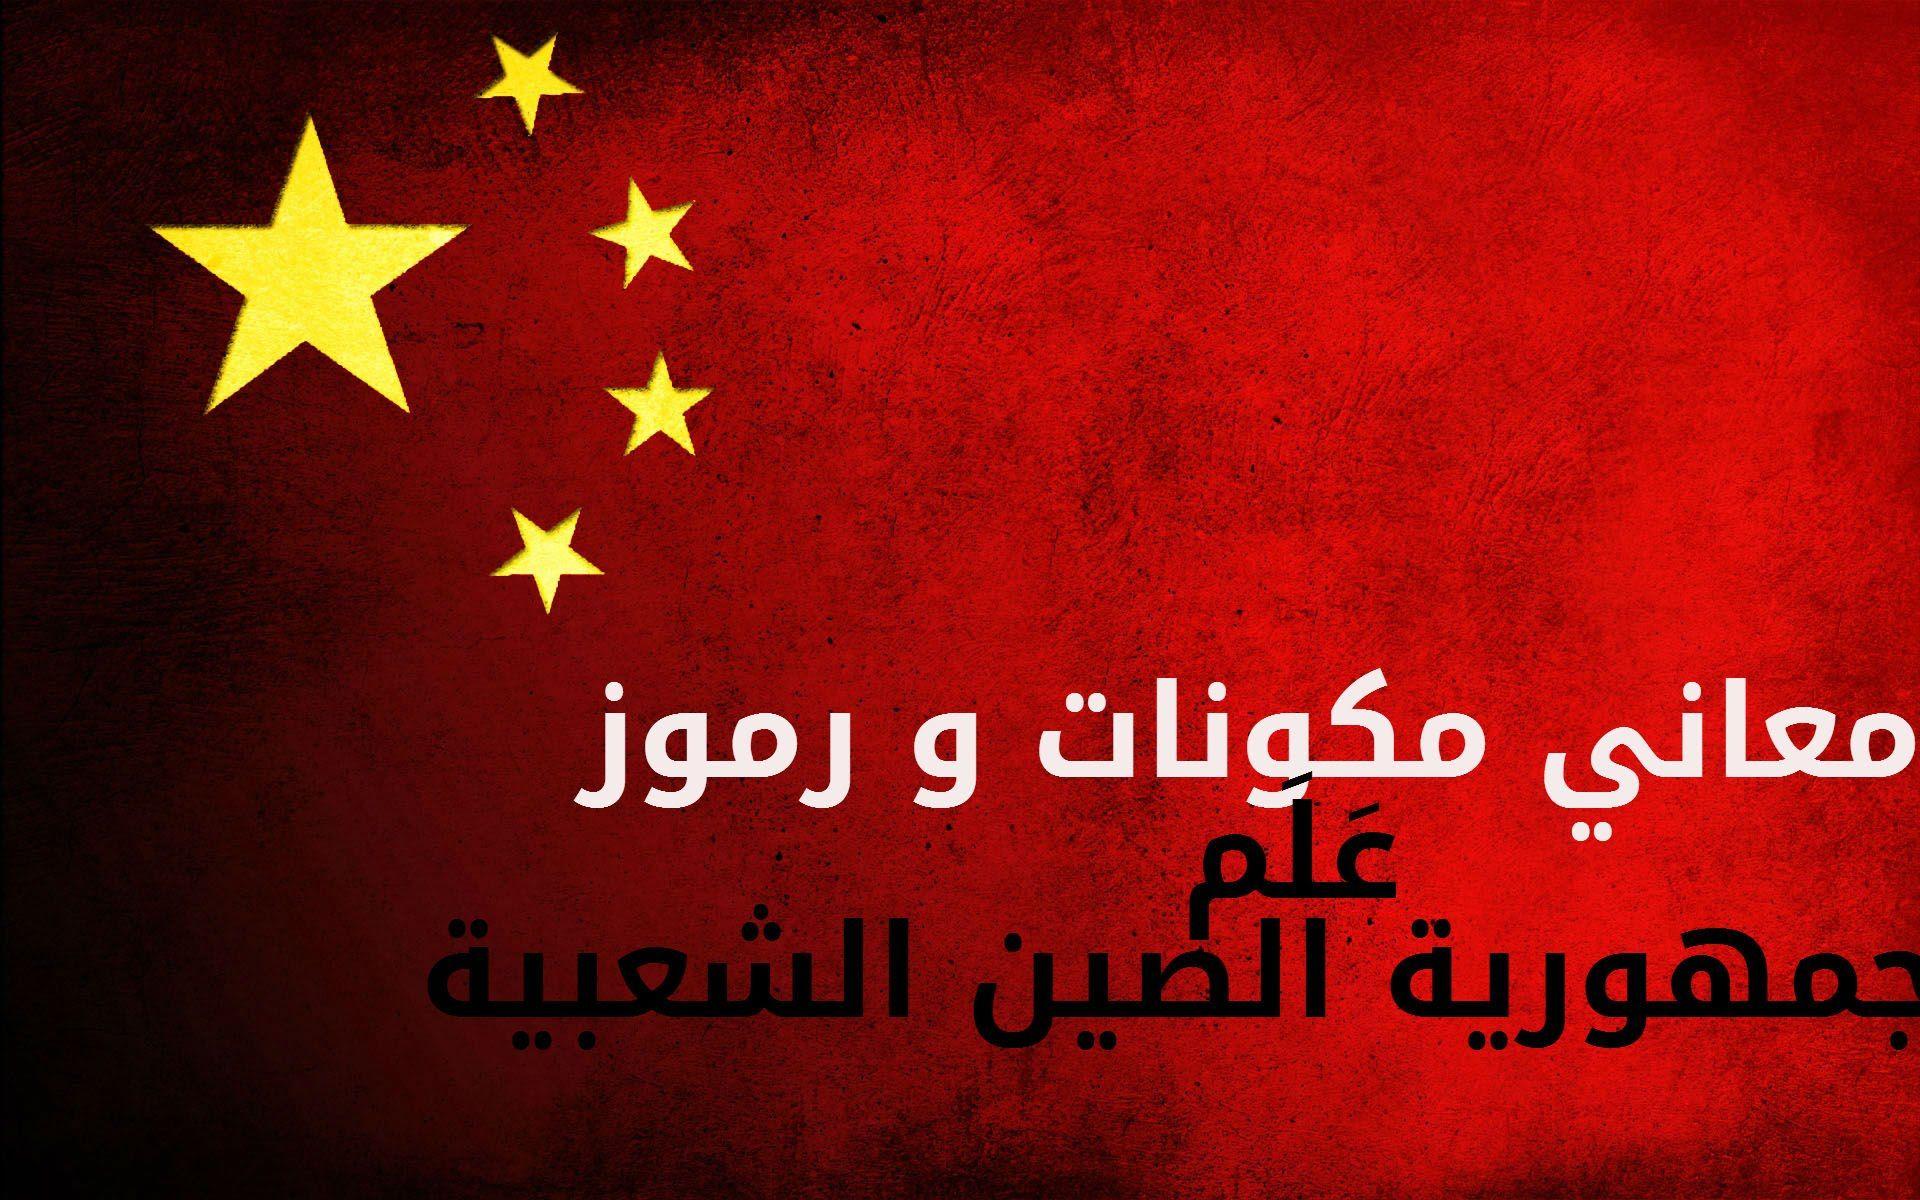 تعرف على مكونات و رموز العلم الصيني Blog Blog Posts Post